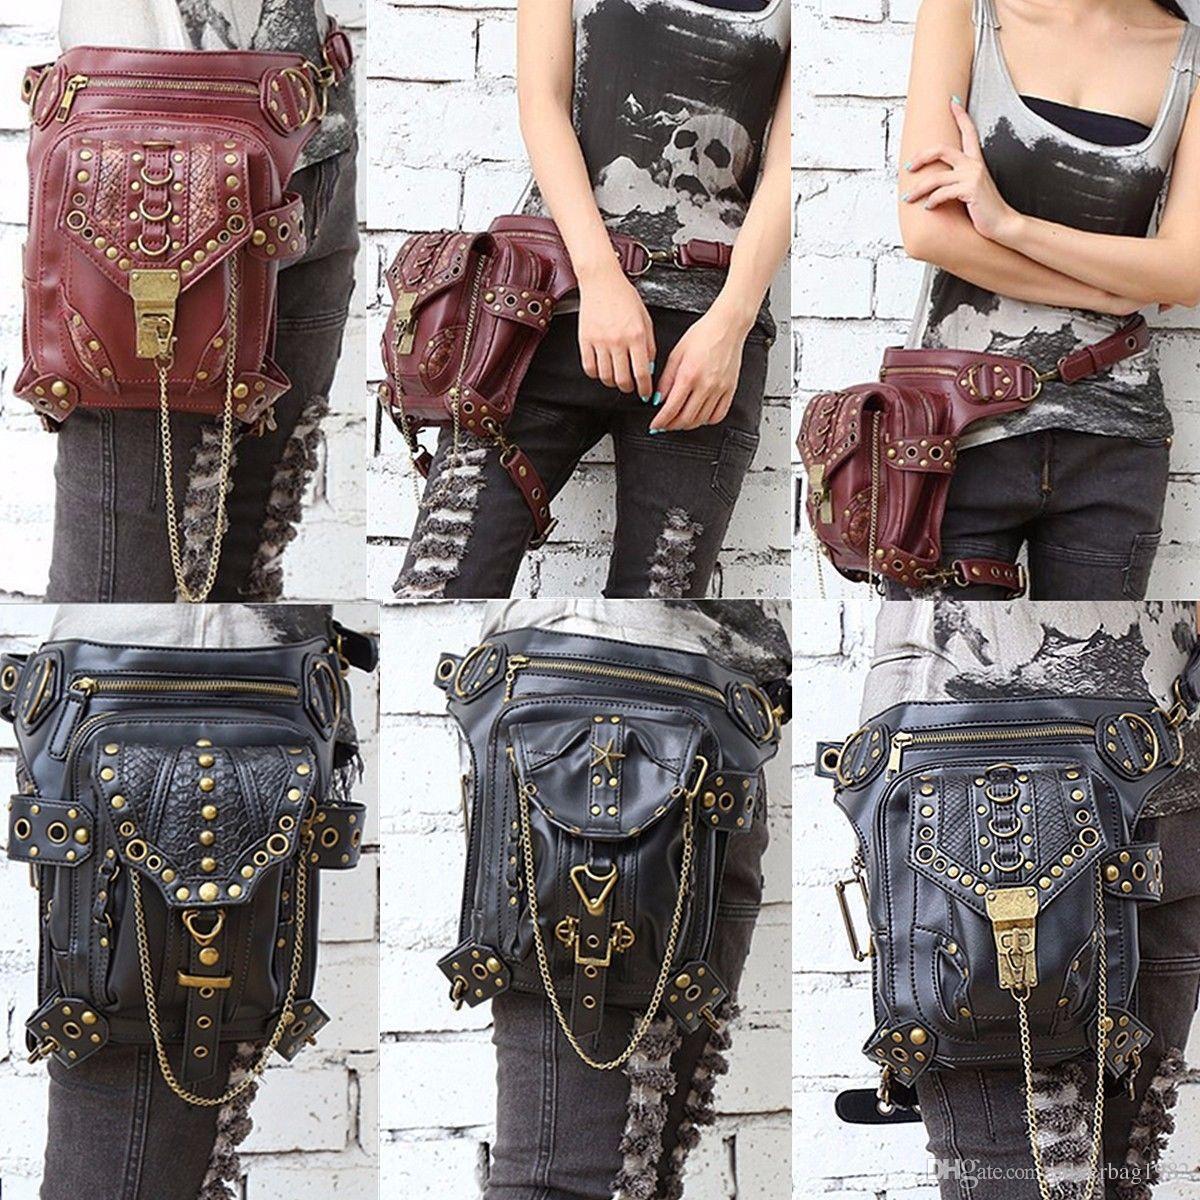 a7e5a5b253c Men Women Leather Steampunk Belt Bag Waist Leg Hip Holster Cyberpunk Pouch